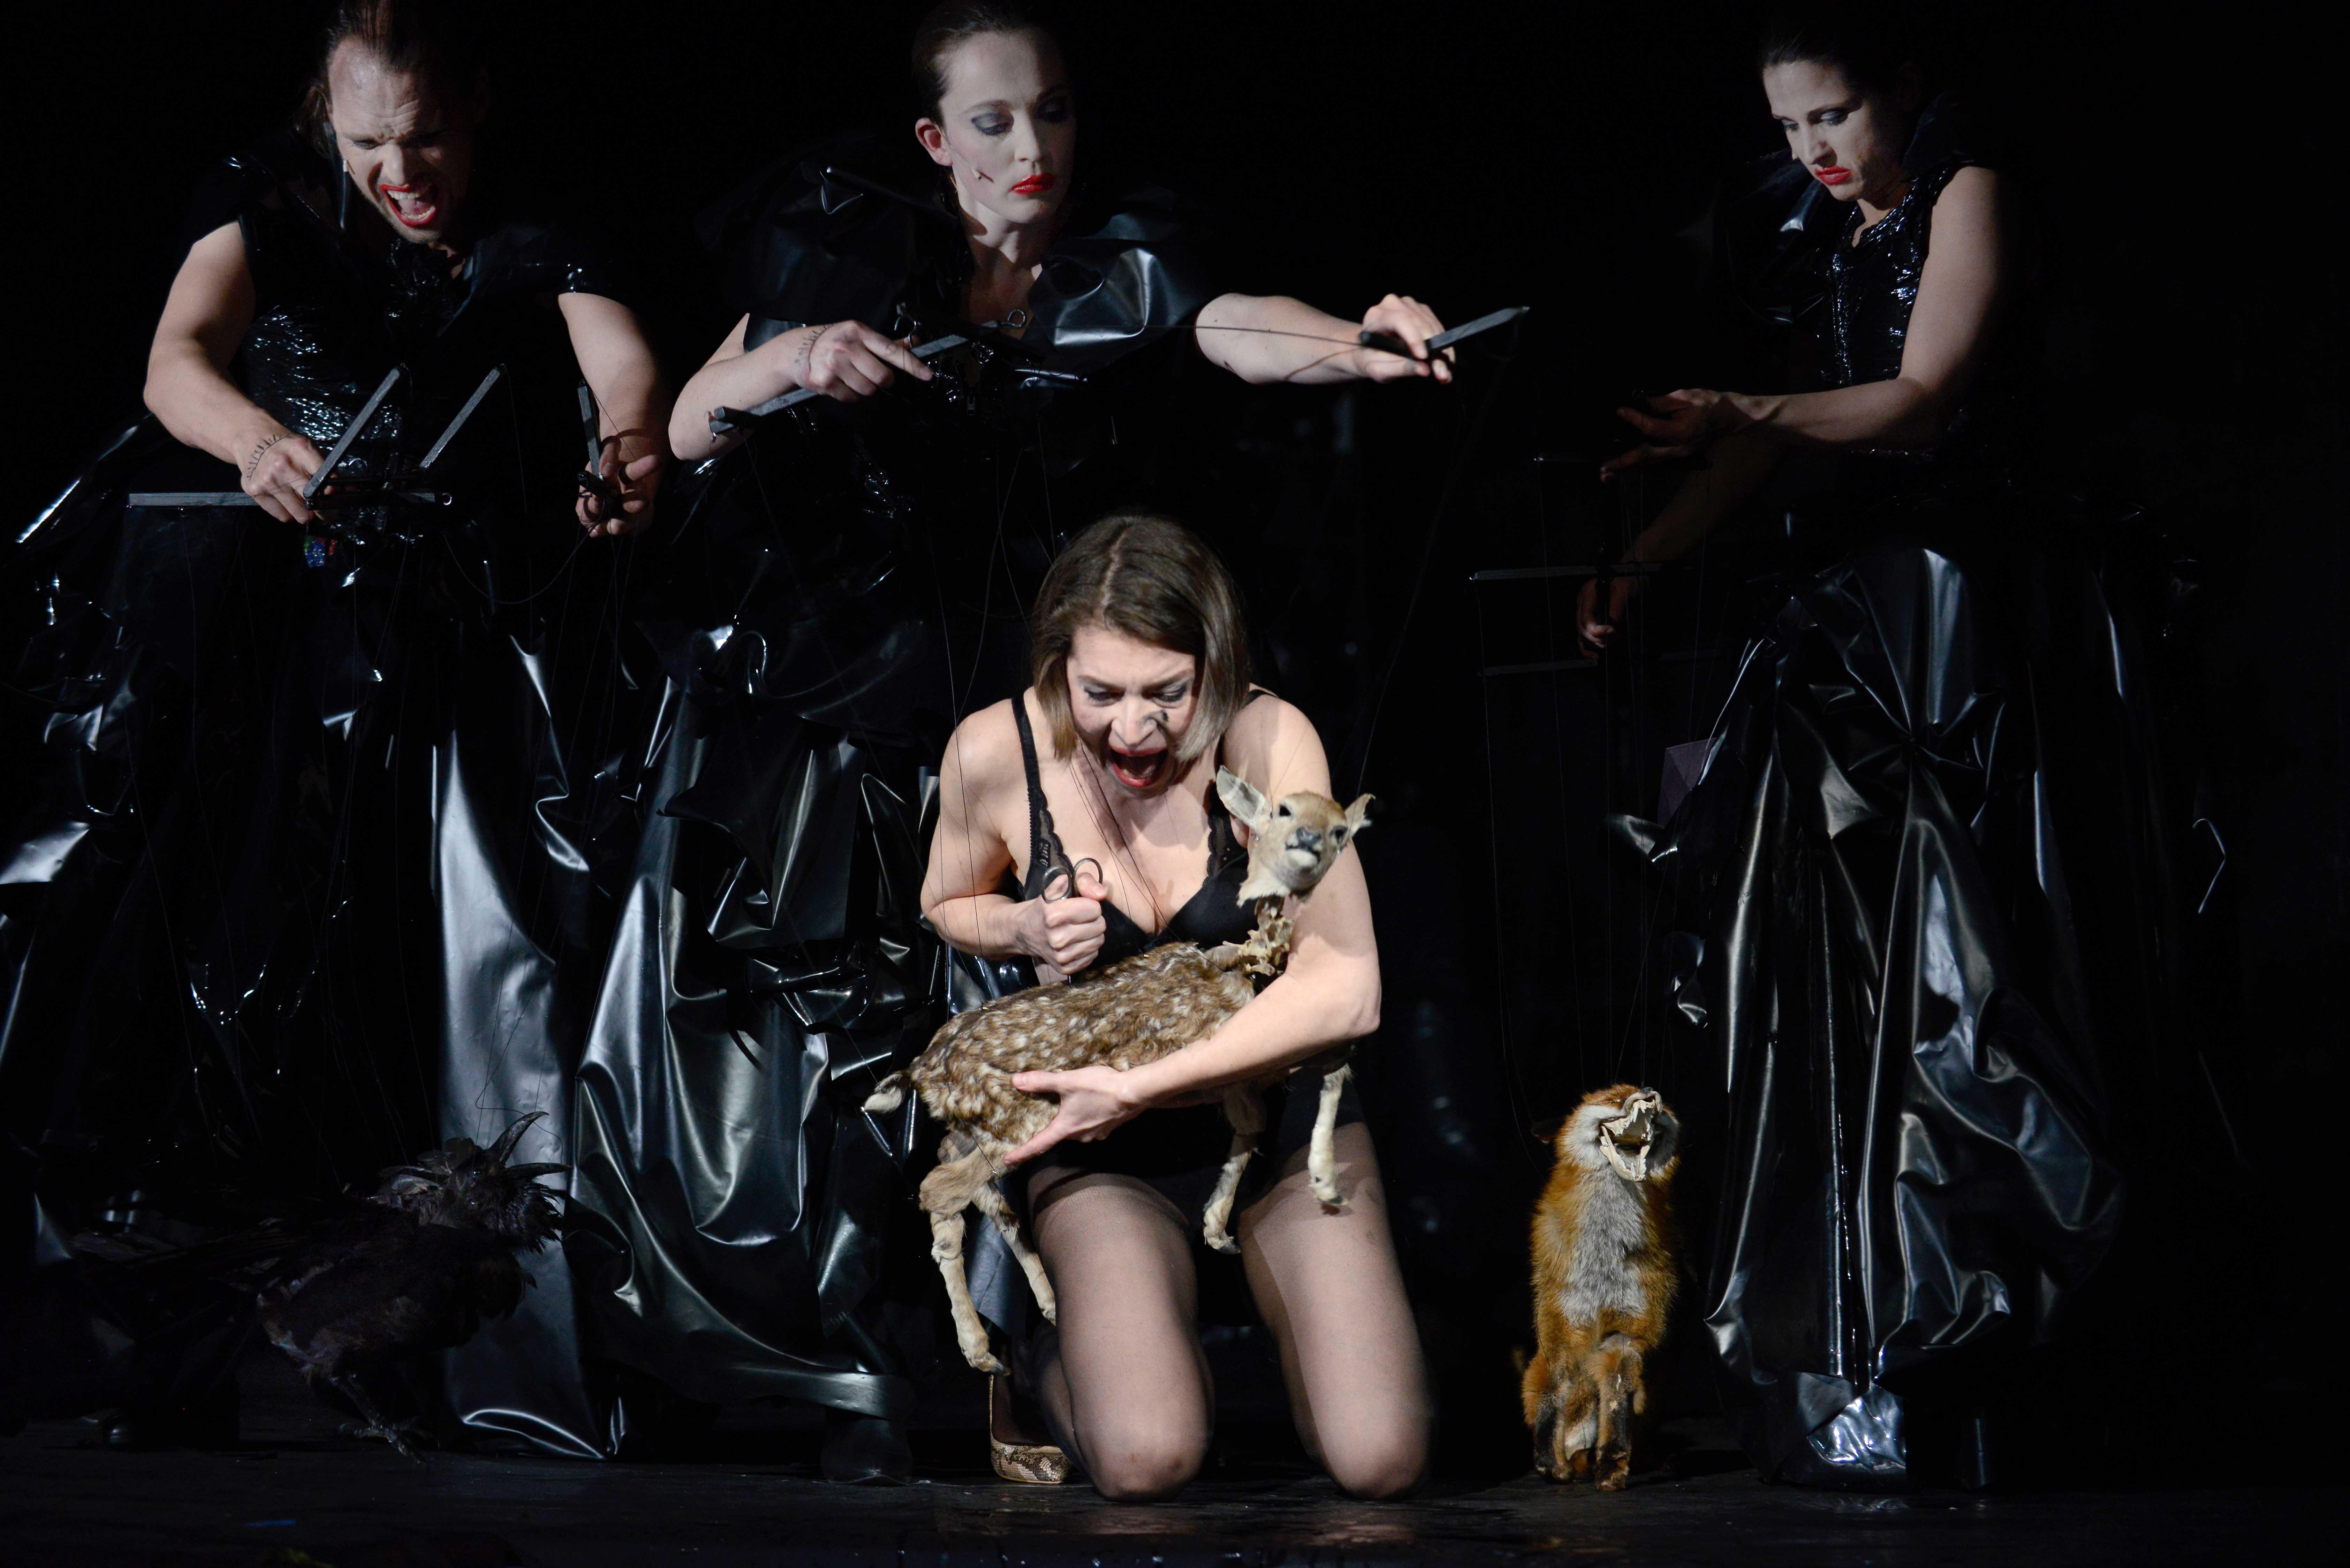 Macbeth5_vorne Anna Steffens hinten Michael Pietsch, Leoni Schulz, Anika Baumann_c_Bettina Müller